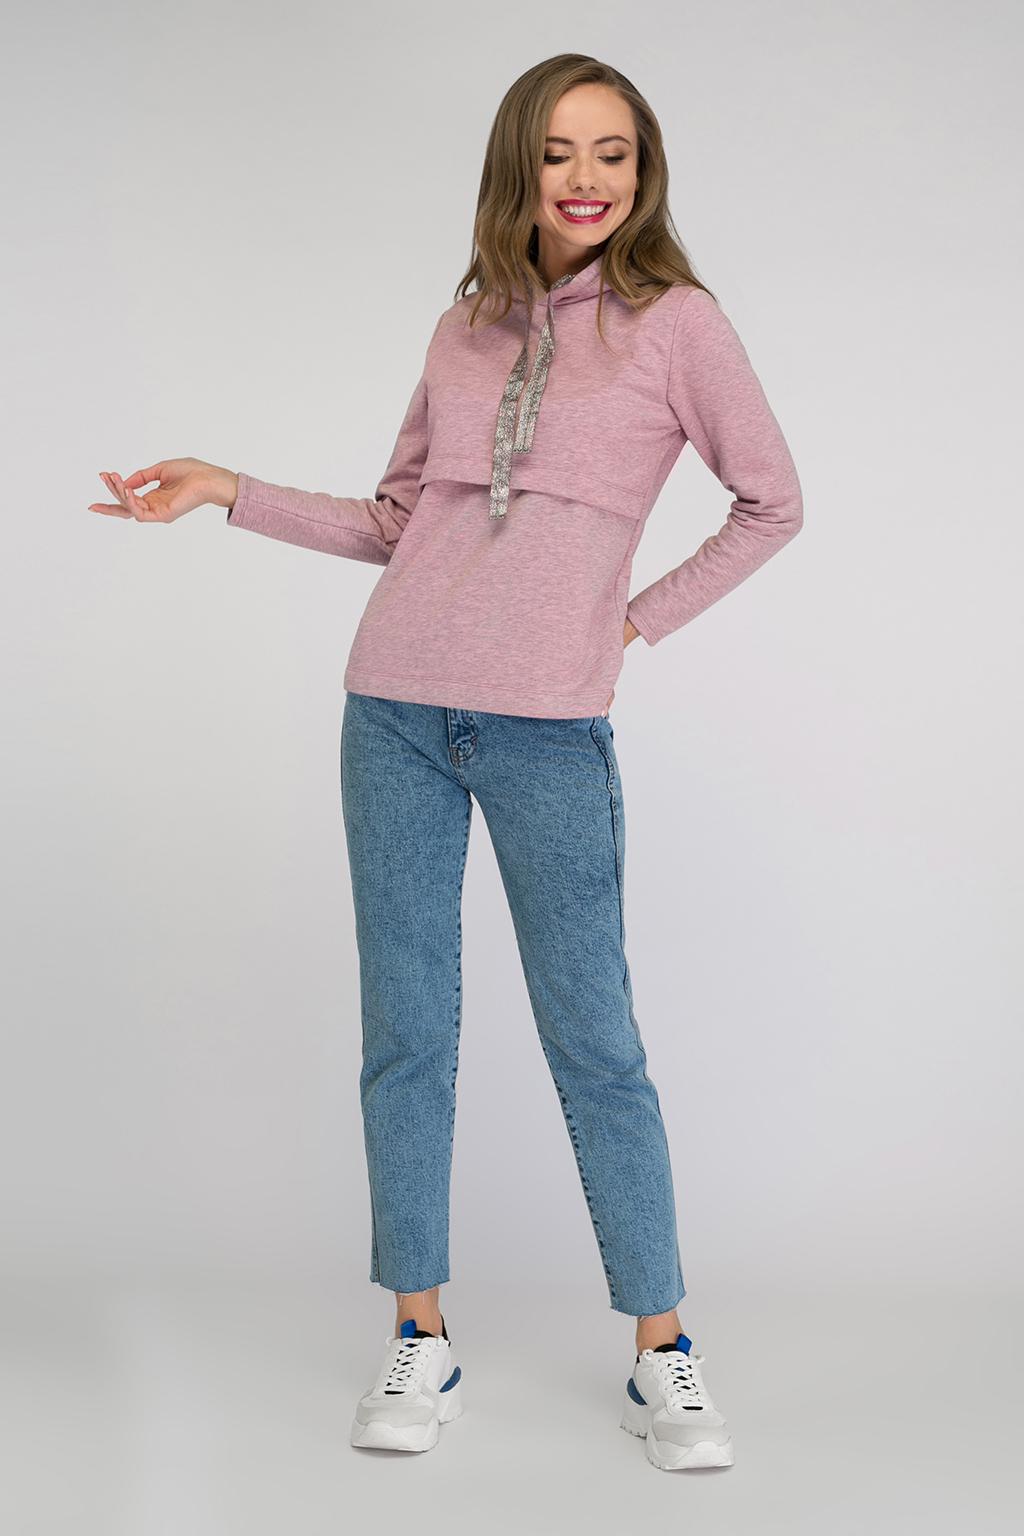 Как выбрать джинсы для беременных - фото 3